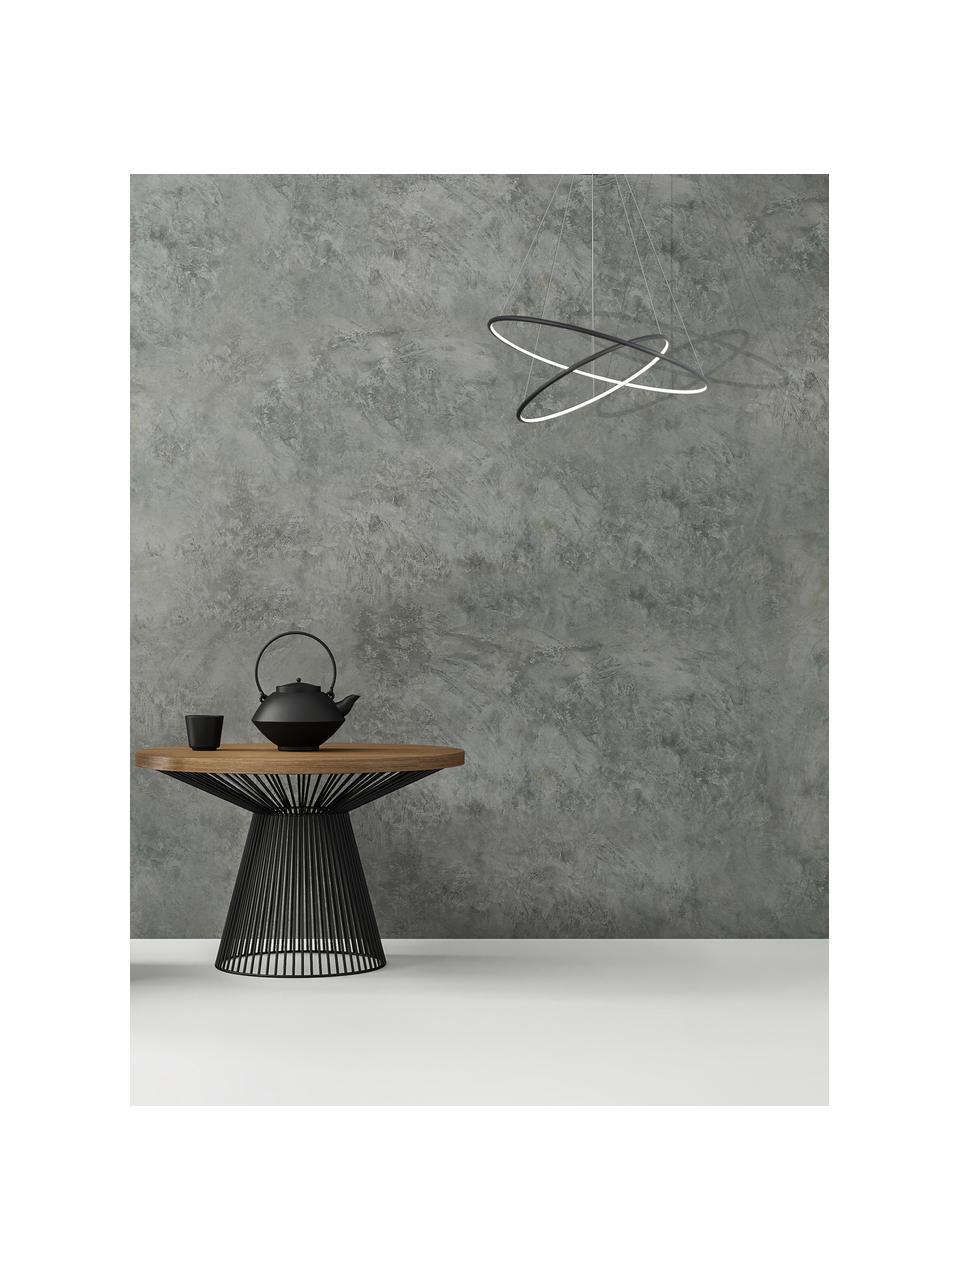 Große LED-Pendelleuchte Orion, Lampenschirm: Metall, beschichtet, Baldachin: Metall, beschichtet, Schwarz, Ø 60 x H 50 cm